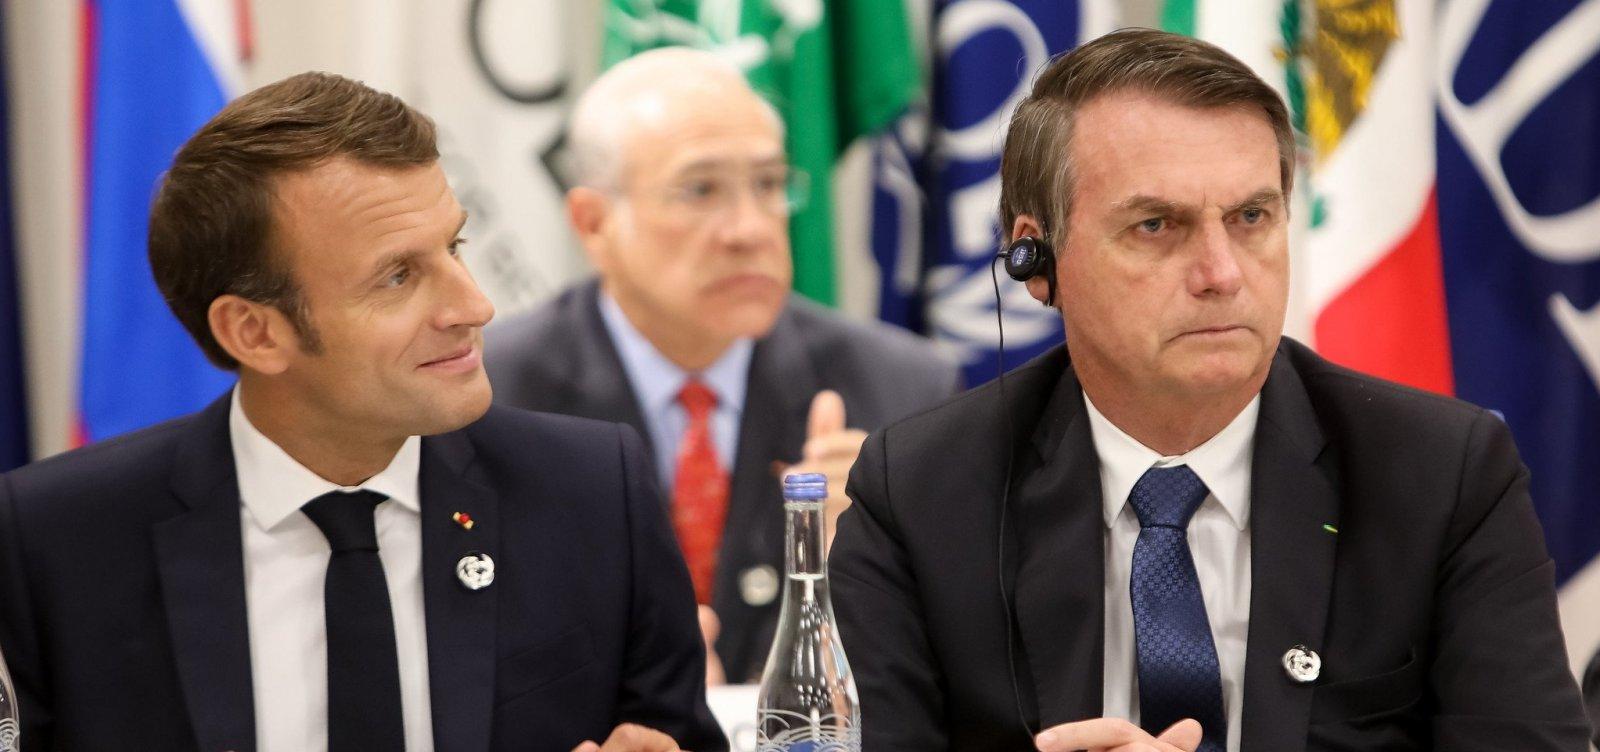 [Após Bolsonaro 'mentir' para Macron, França vai rejeitar acordo da União Europeia com Mercosul]